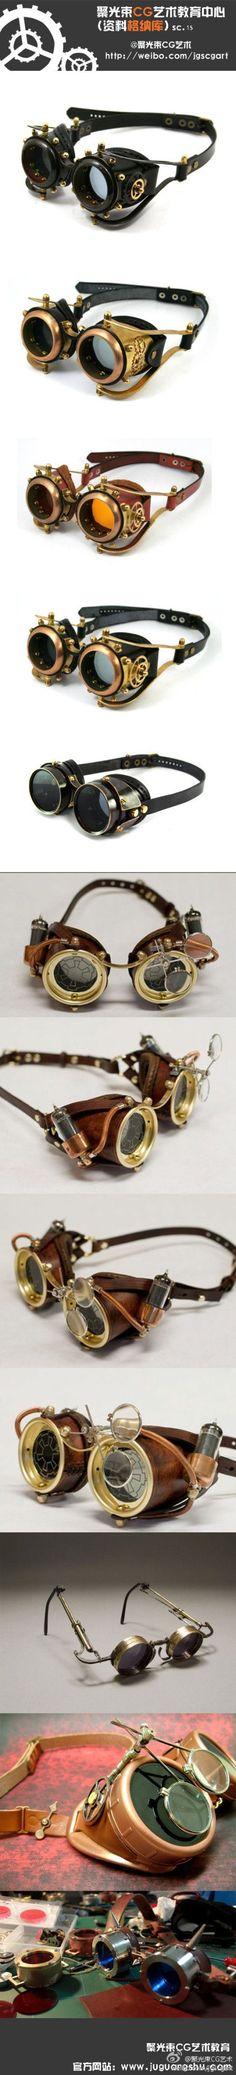 Прохладный #steampunk #eyewear. Я бы носить их в то время как избавлении мой велосипед #steampunkeer ...